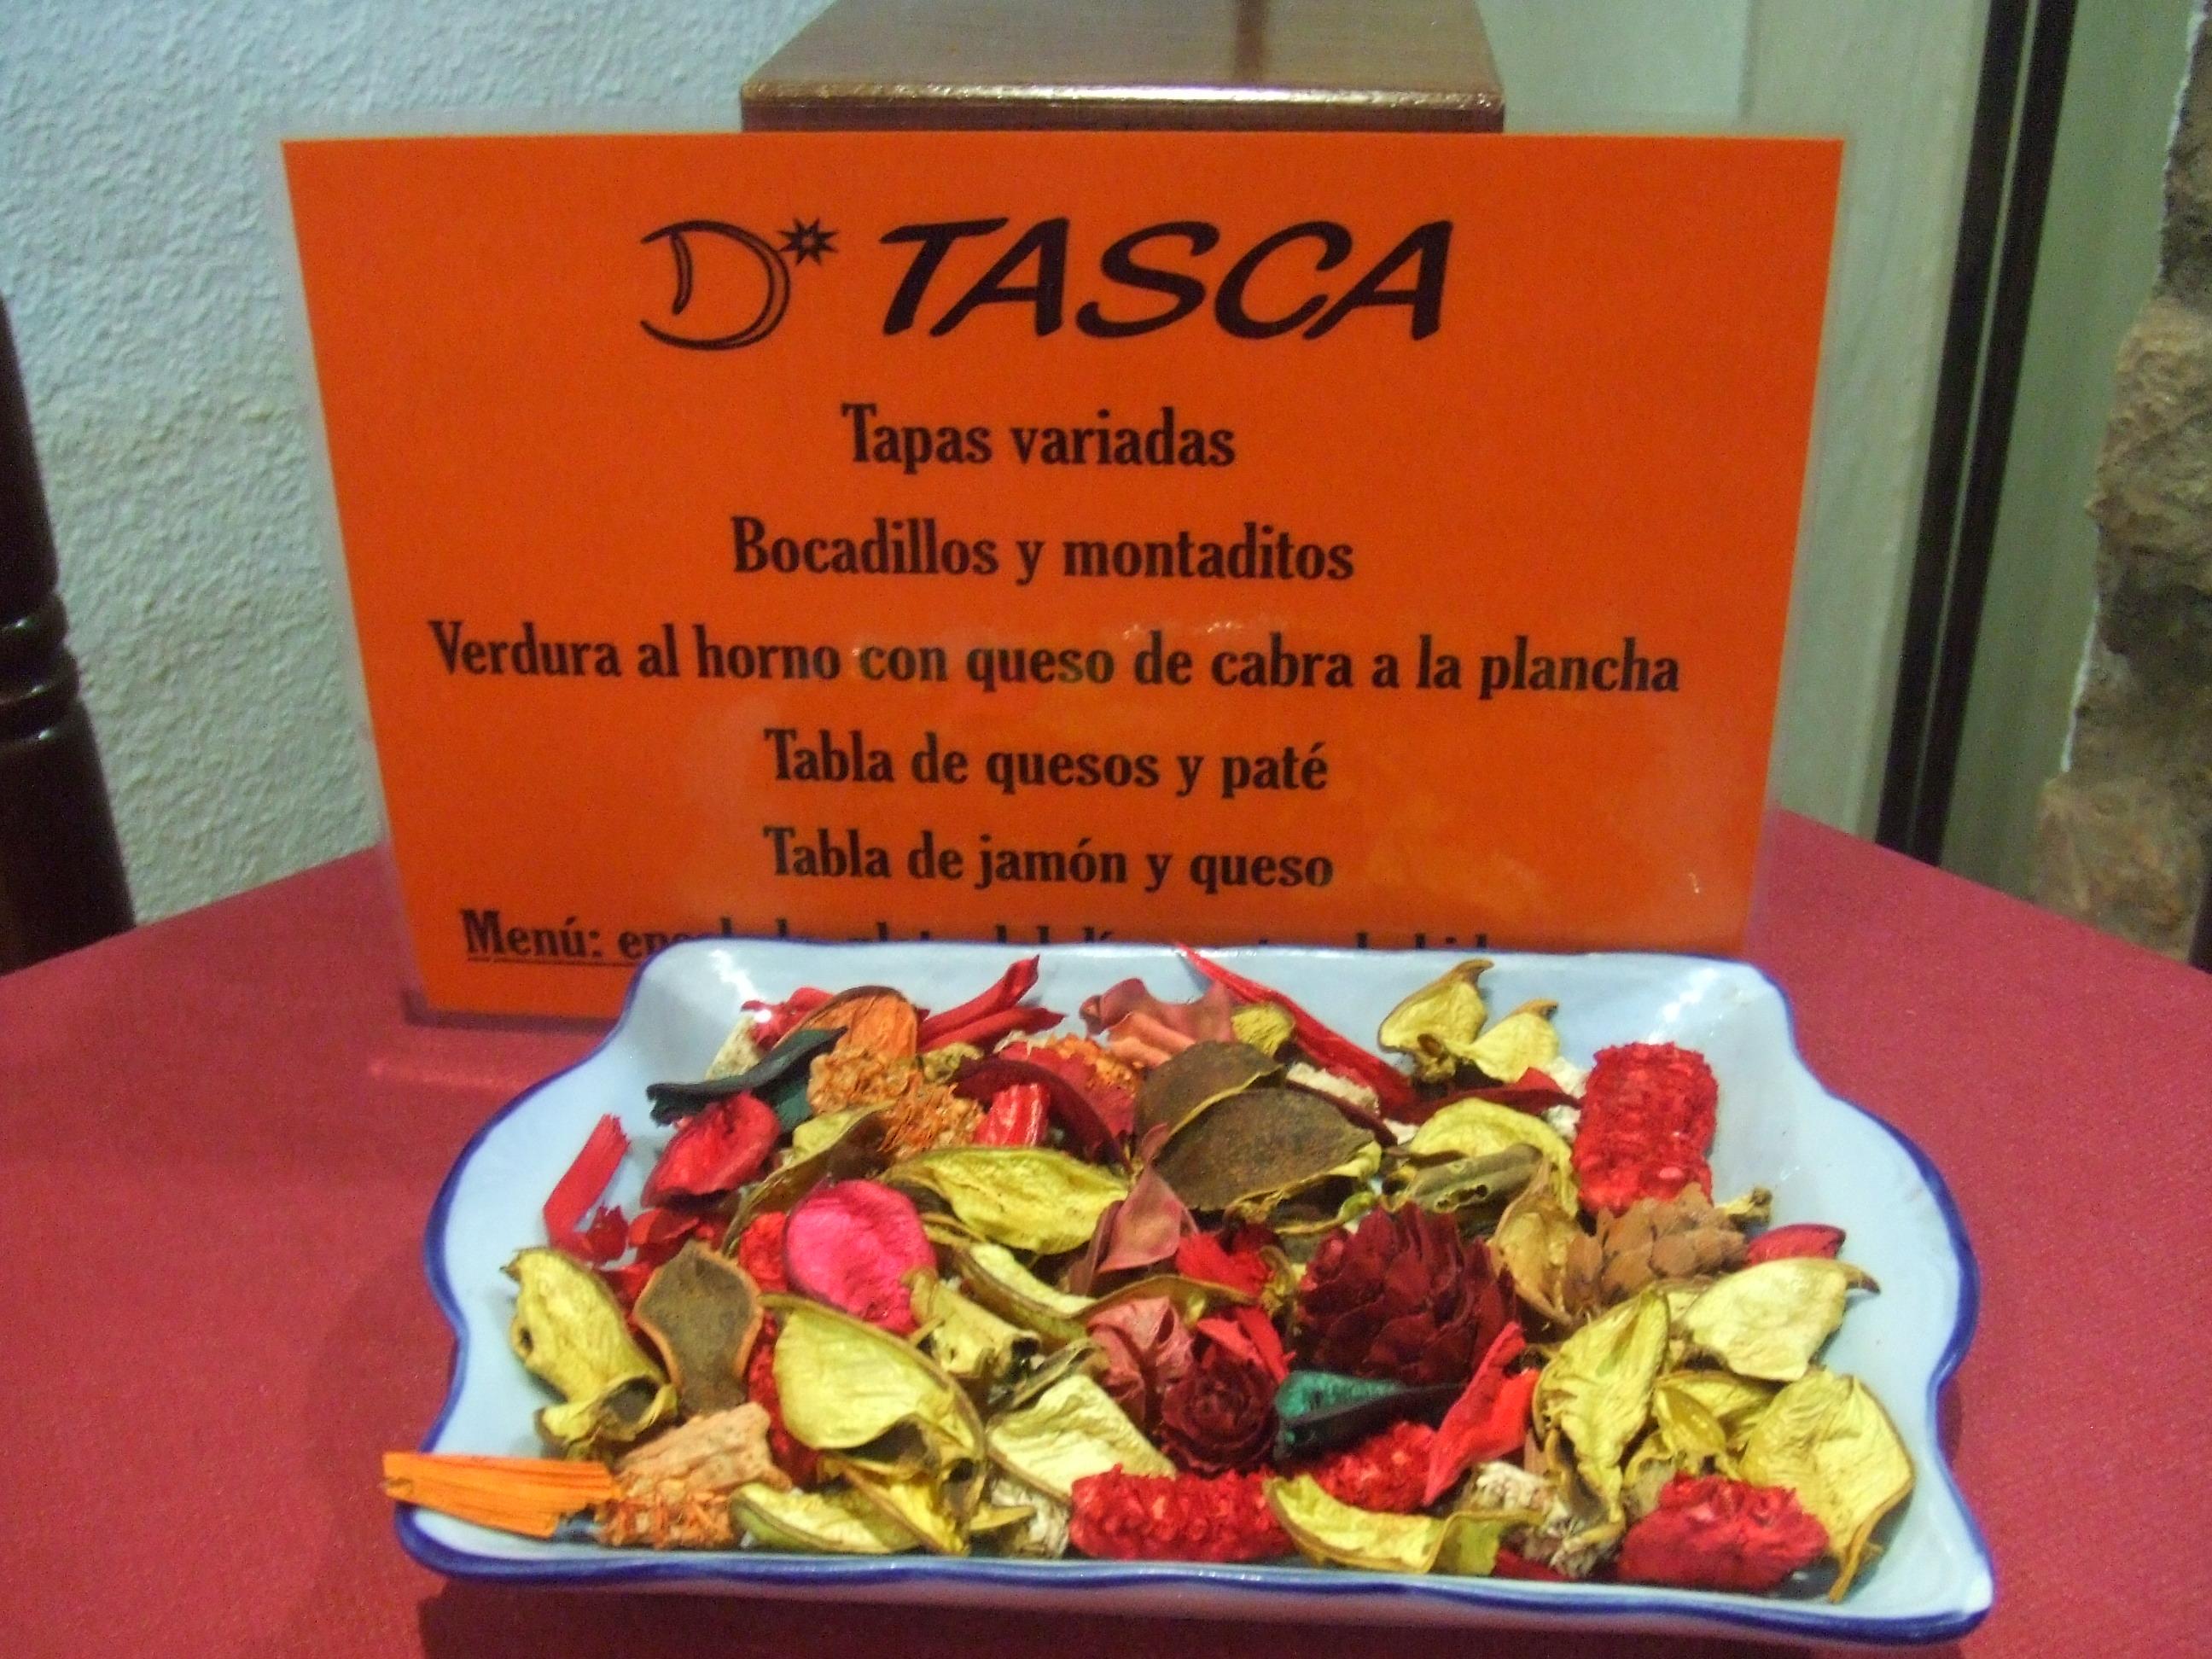 D' Tasca